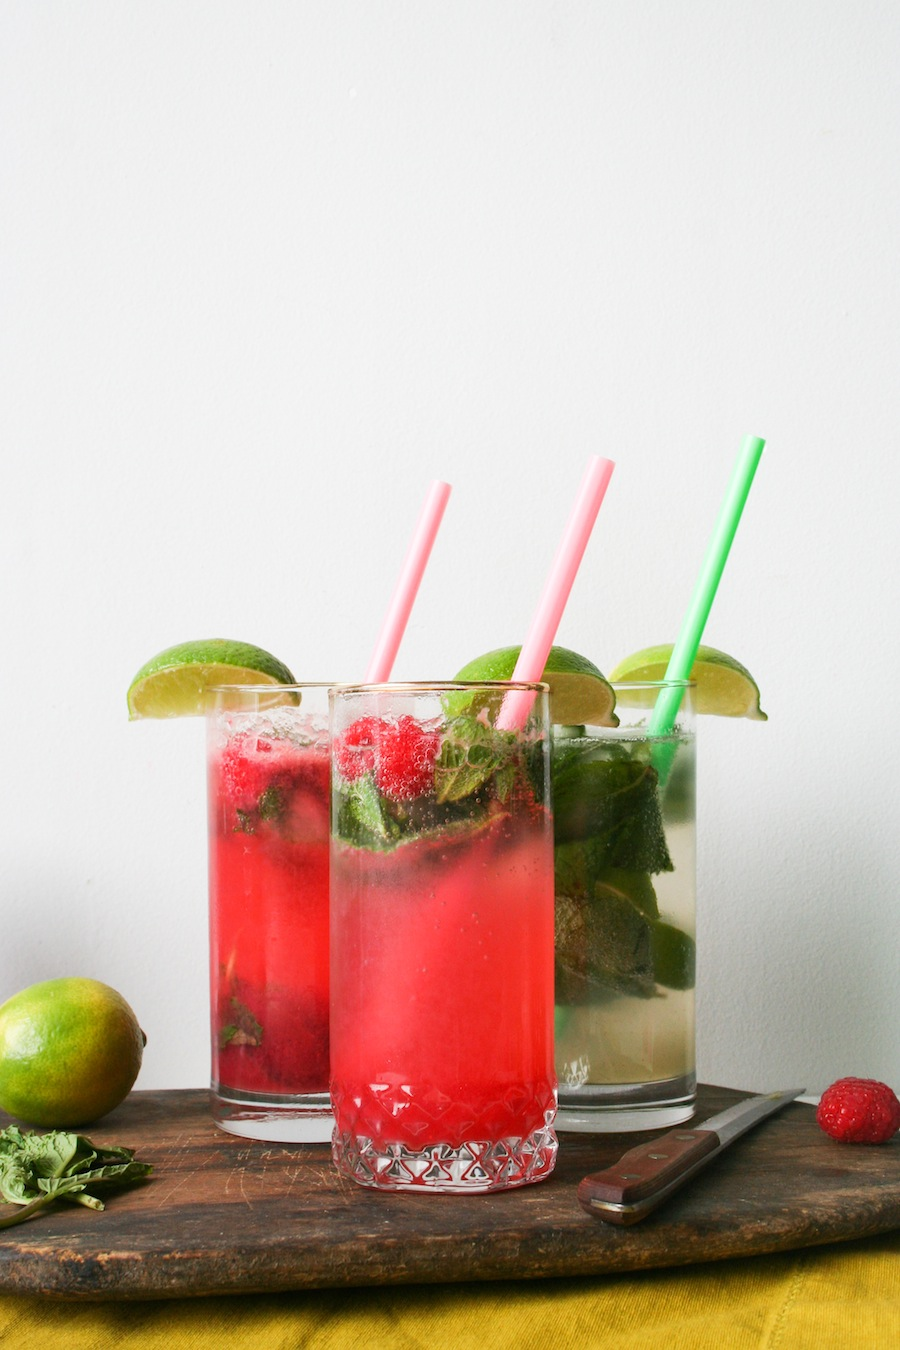 Raspberry mojito recipe legal miss sunshine 7 copy